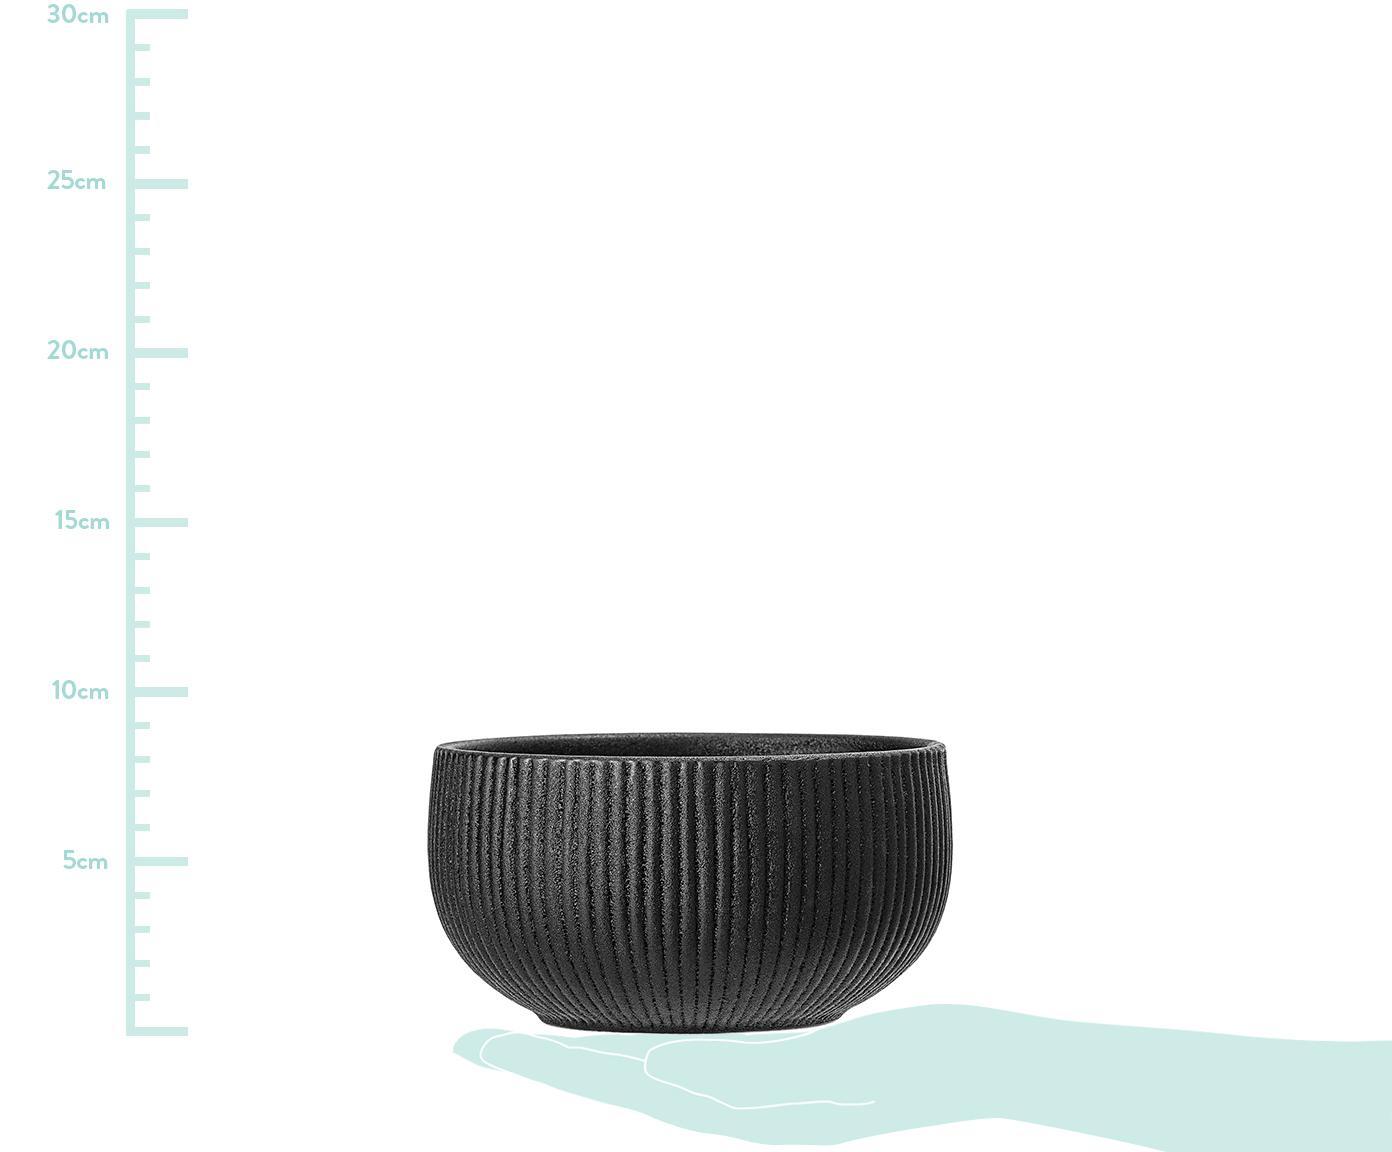 Schälchen Neri mit Rillenstruktur in Schwarz matt, 2 Stück, Steingut Mit Rillenstruktur und leicht rauer Oberfläche, Schwarz, Ø 15 x H 8 cm